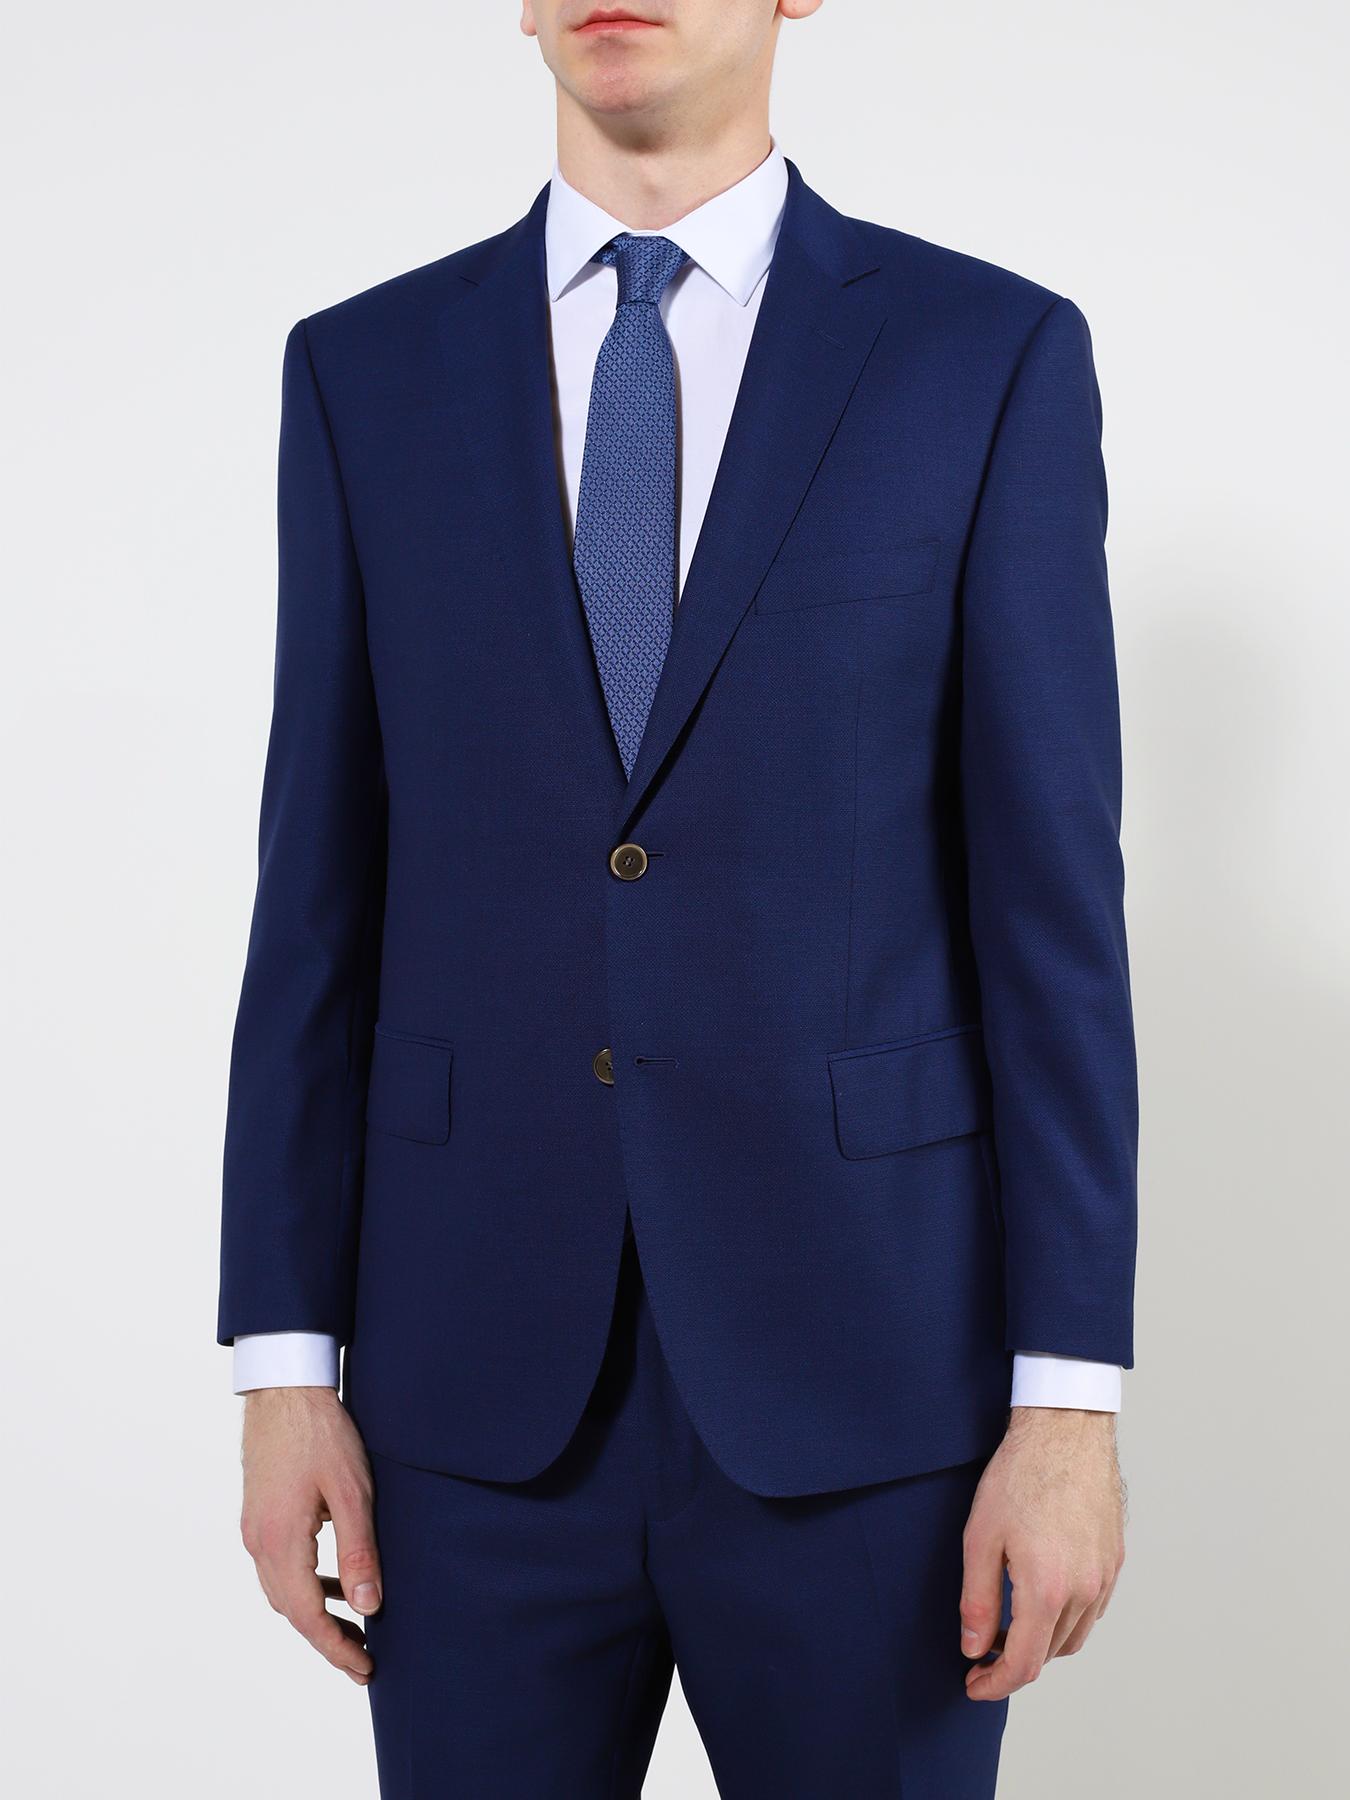 Ritter Шелковый галстук 357935-185